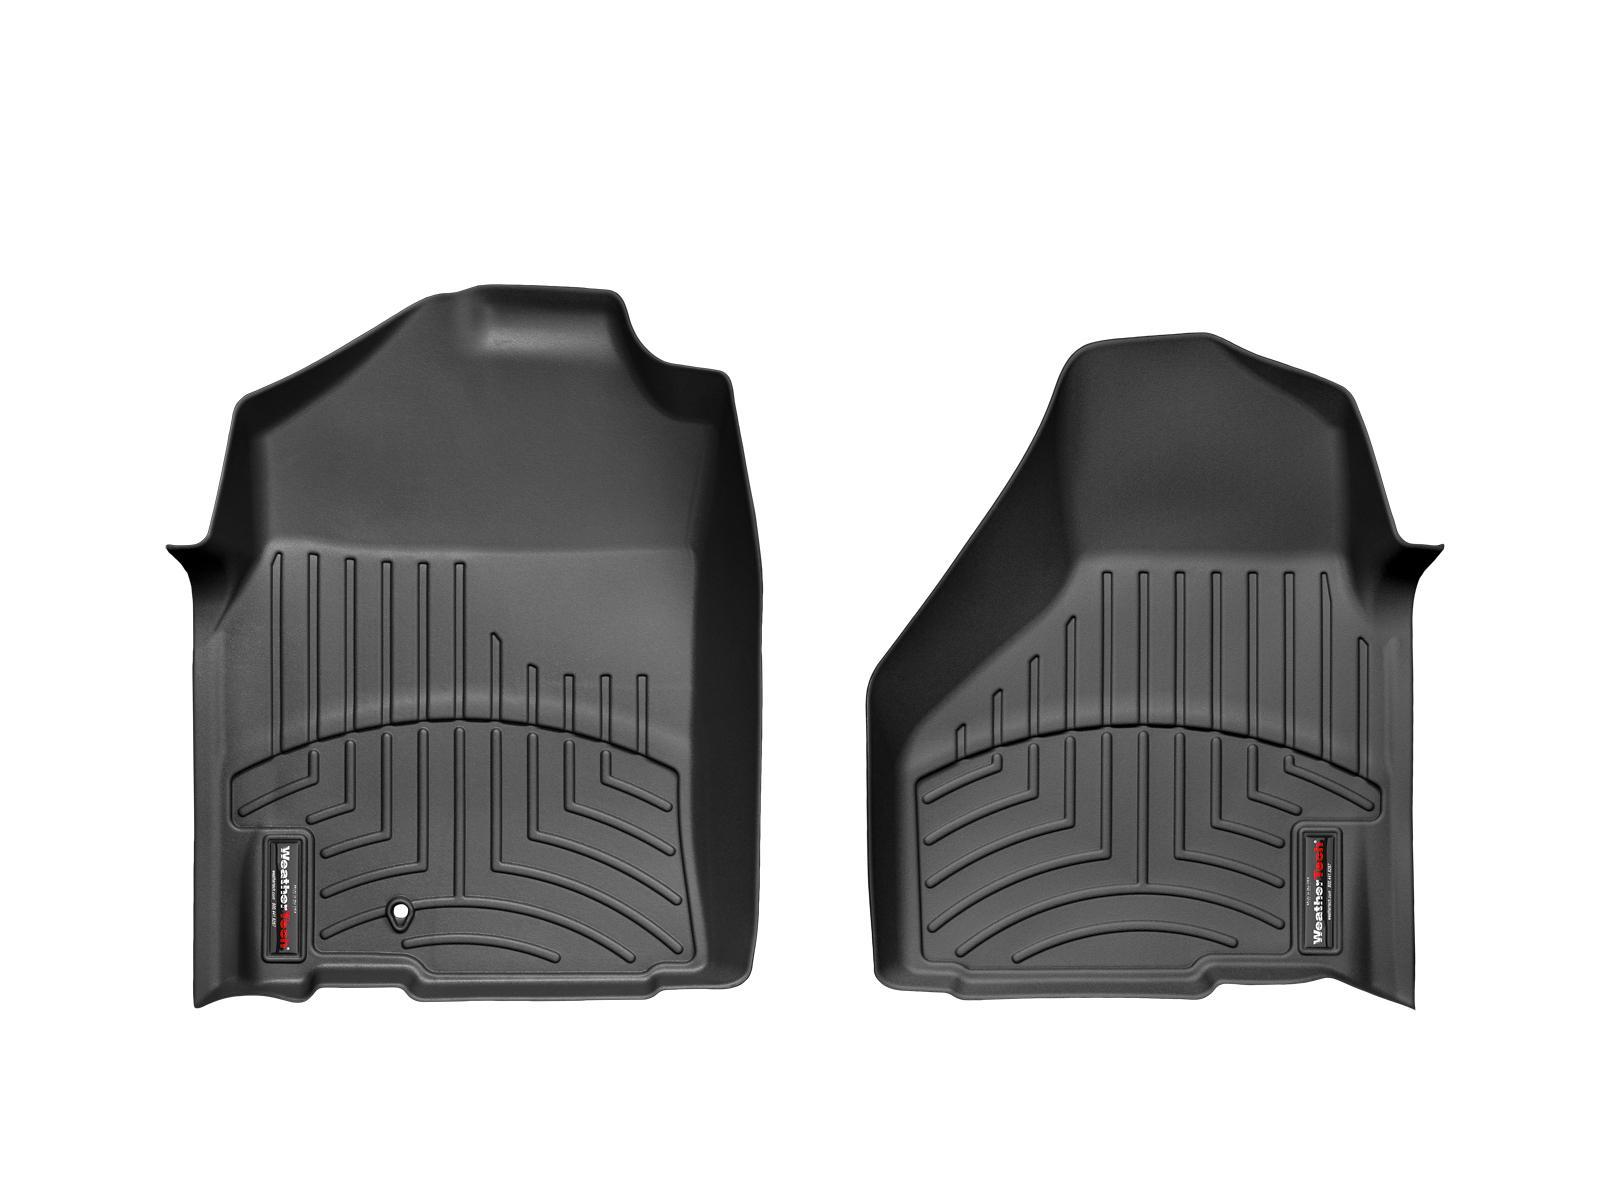 Tappeti gomma su misura bordo alto RAM Ram 2500/3500 12>12 Nero A3210